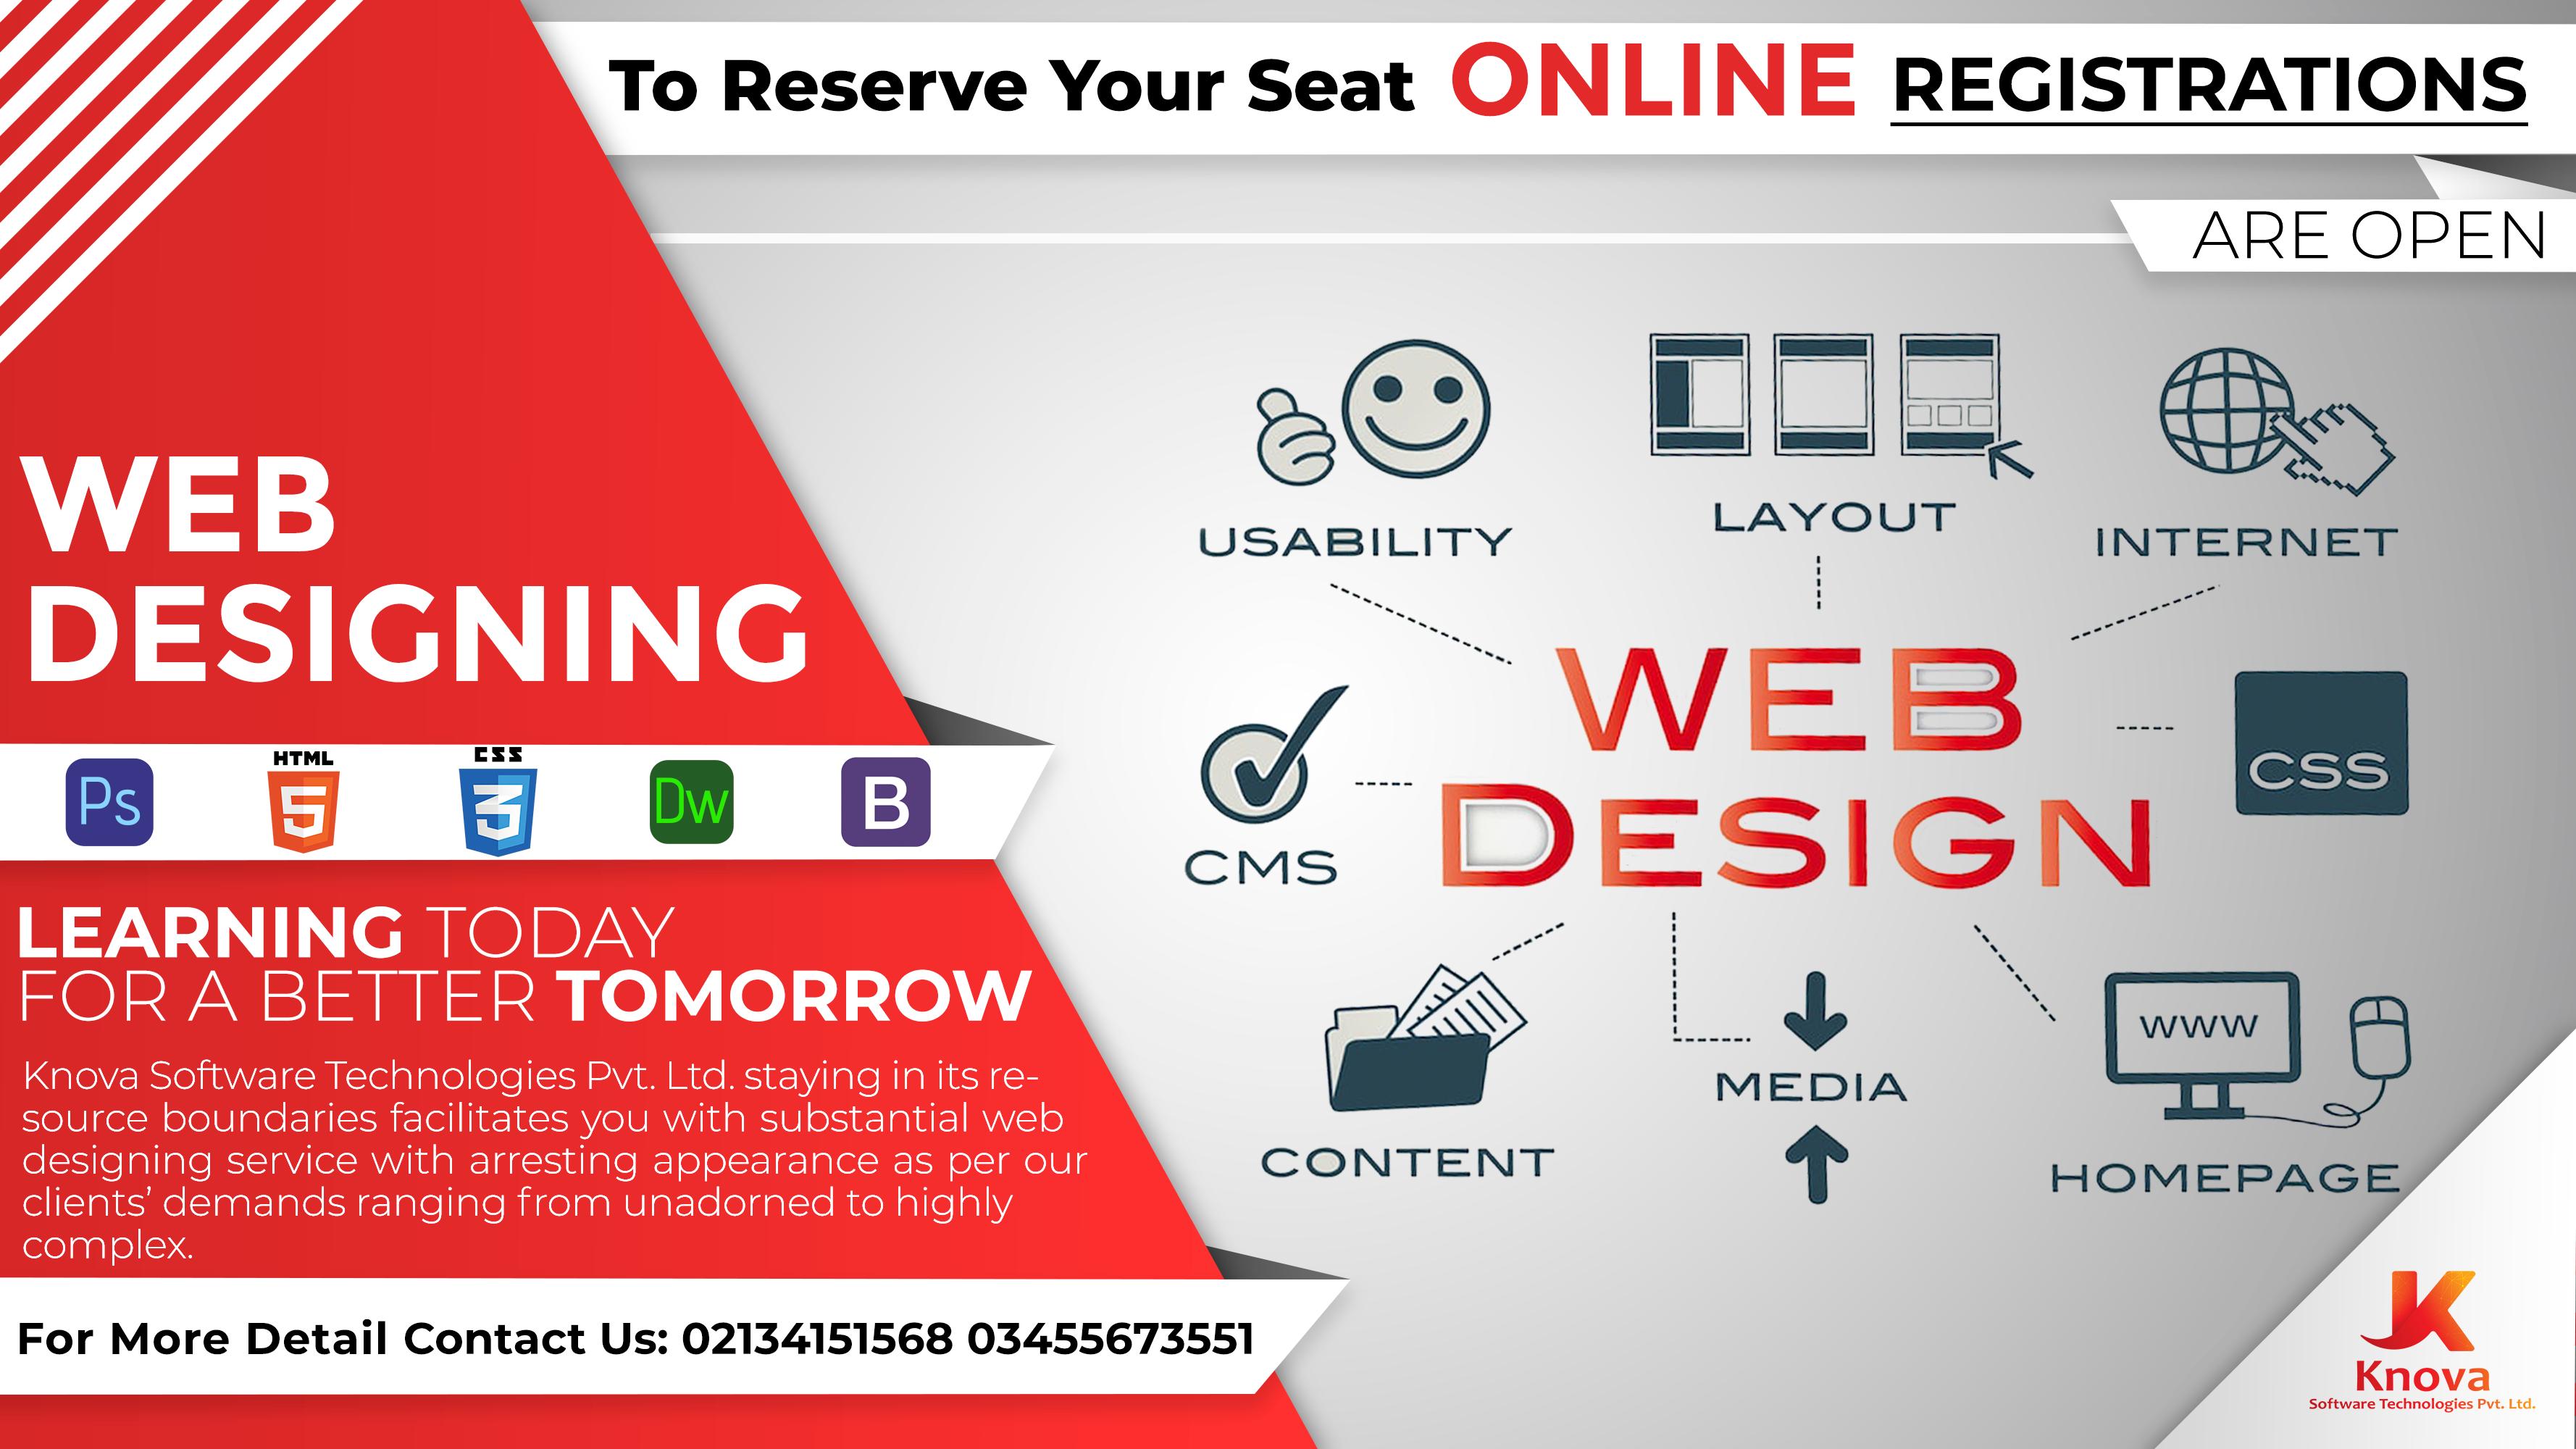 Web Designing Image Poster